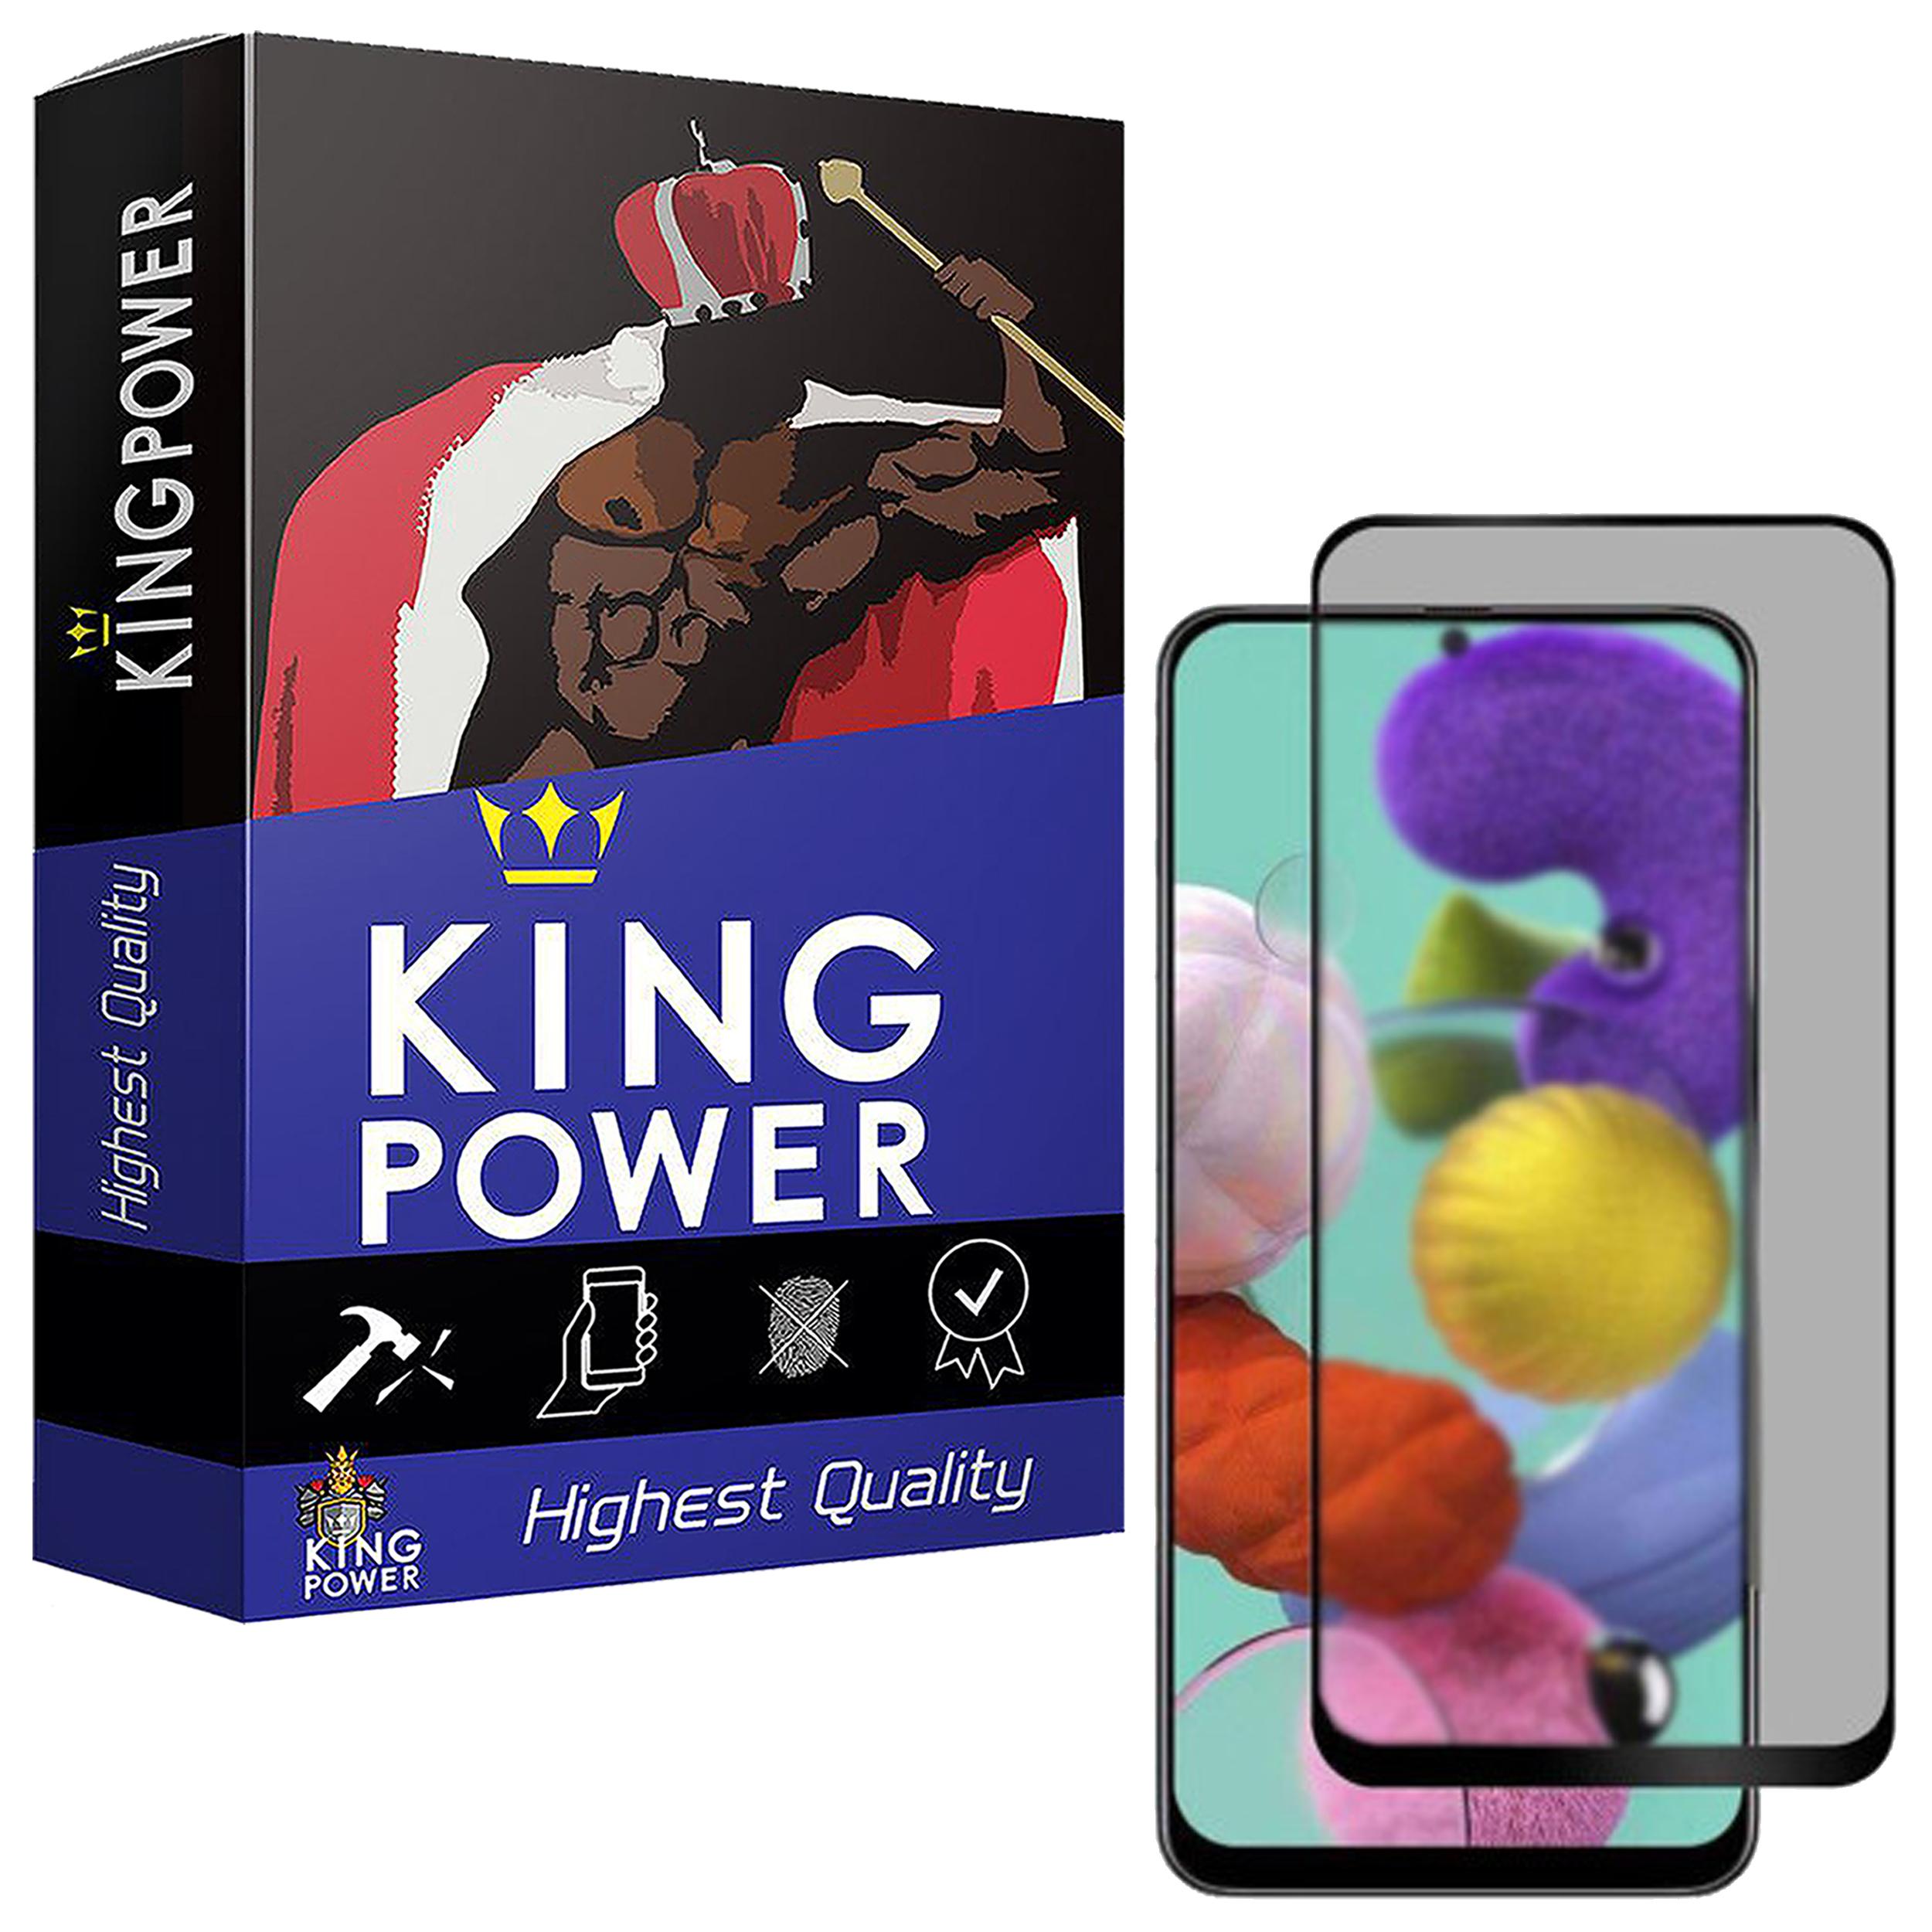 محافظ صفحه نمایش حریم شخصی کینگ پاور مدل KPPC مناسب برای گوشی موبایل سامسونگ Galaxy A51